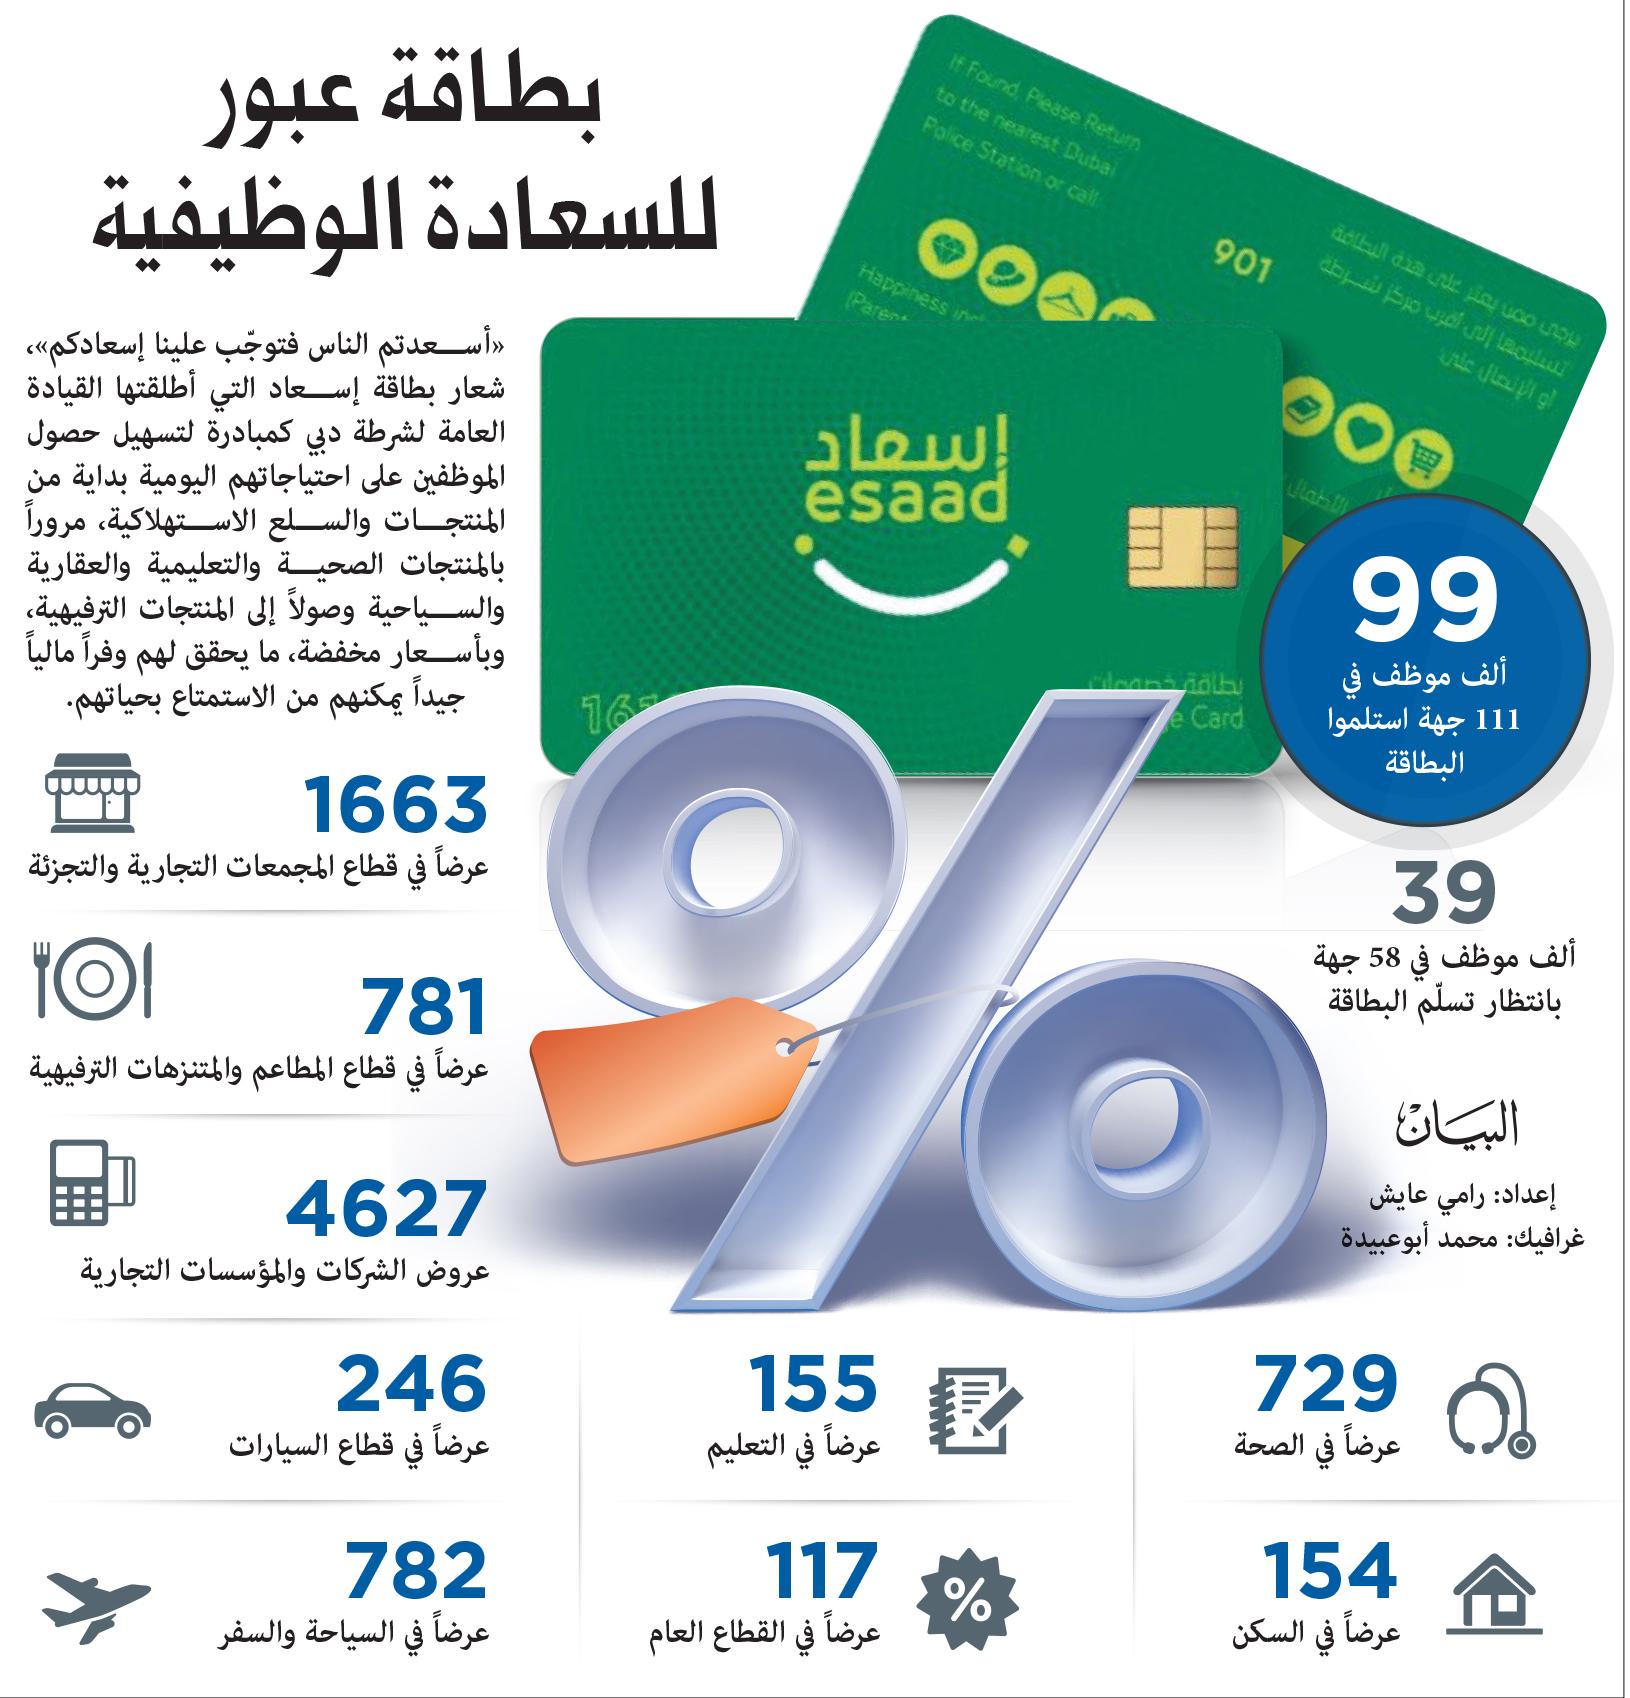 169جهة حكومية و 138 ألف مستفيد من بطاقة إسعاد عبر الإمارات